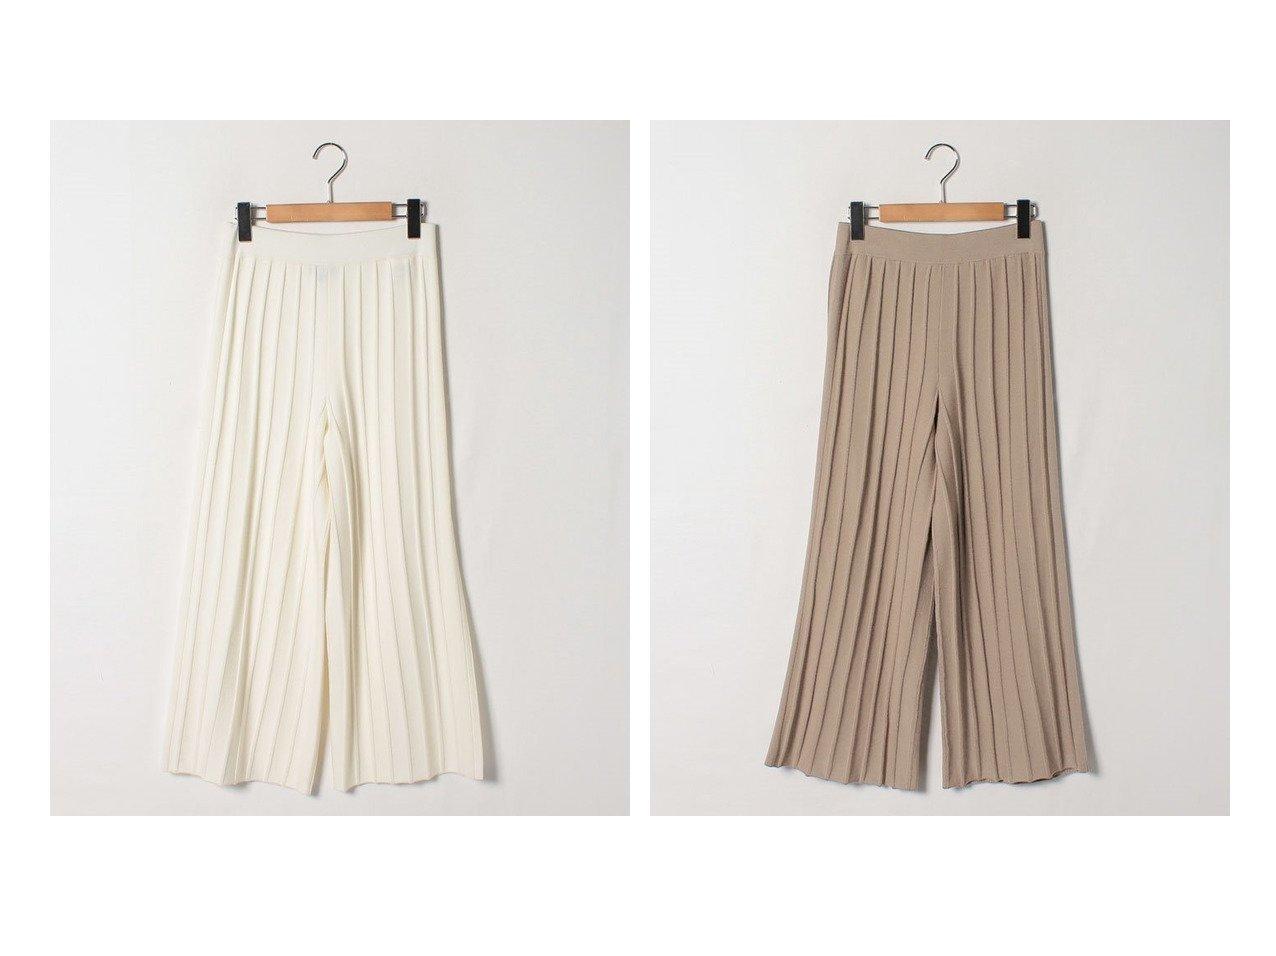 【theory/セオリー】のパンツ EMPIRE WOOL WIDE RIB PANT パンツのおすすめ!人気、トレンド・レディースファッションの通販 おすすめで人気の流行・トレンド、ファッションの通販商品 メンズファッション・キッズファッション・インテリア・家具・レディースファッション・服の通販 founy(ファニー) https://founy.com/ ファッション Fashion レディースファッション WOMEN パンツ Pants NEW・新作・新着・新入荷 New Arrivals おすすめ Recommend ストライプ ストレッチ スリット トレンド フィット |ID:crp329100000024701